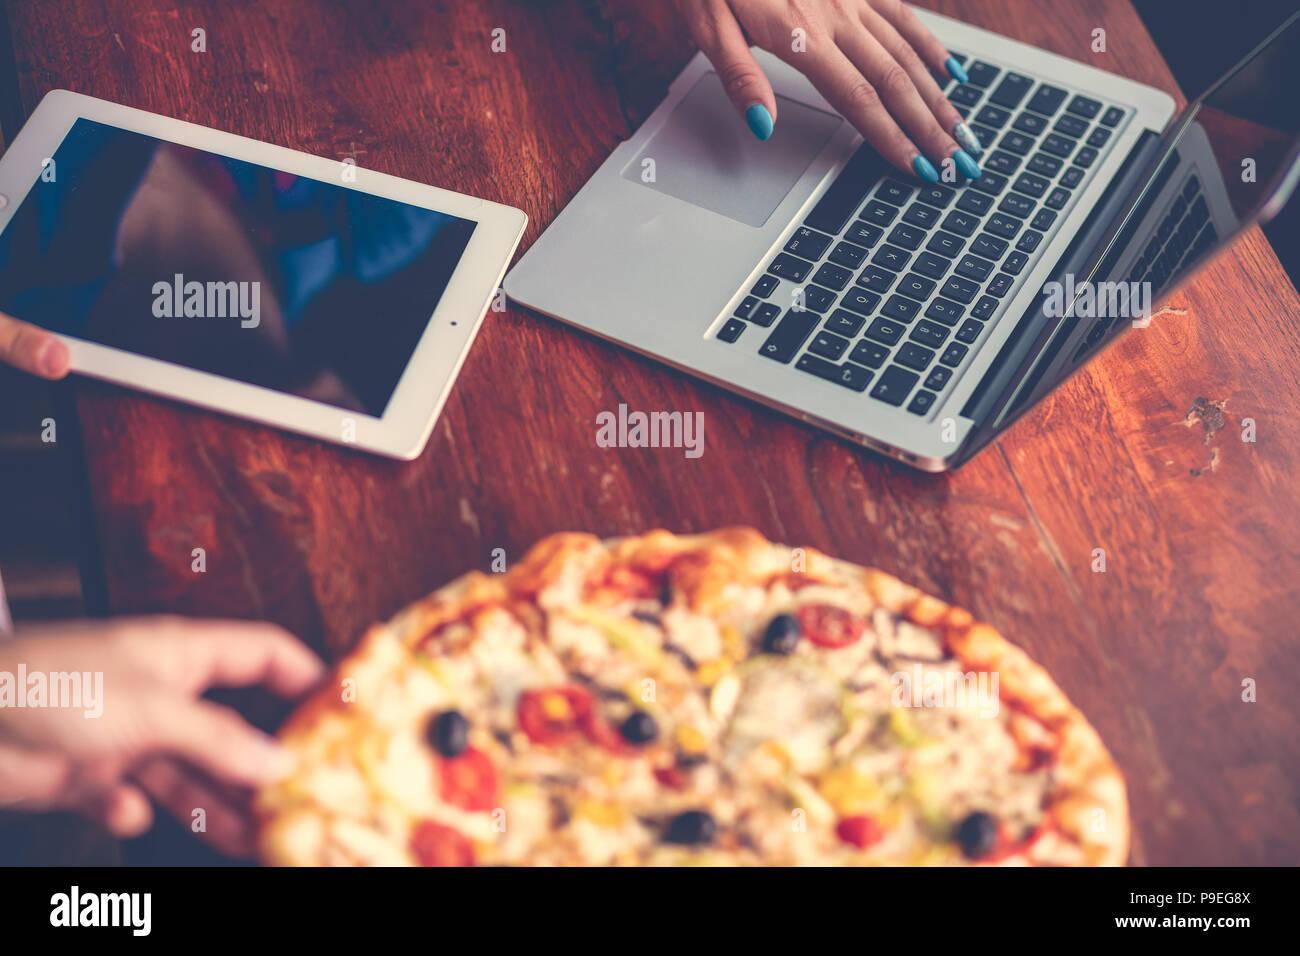 Combinação de desktop com o office gadgets, suprimentos e pizza em on